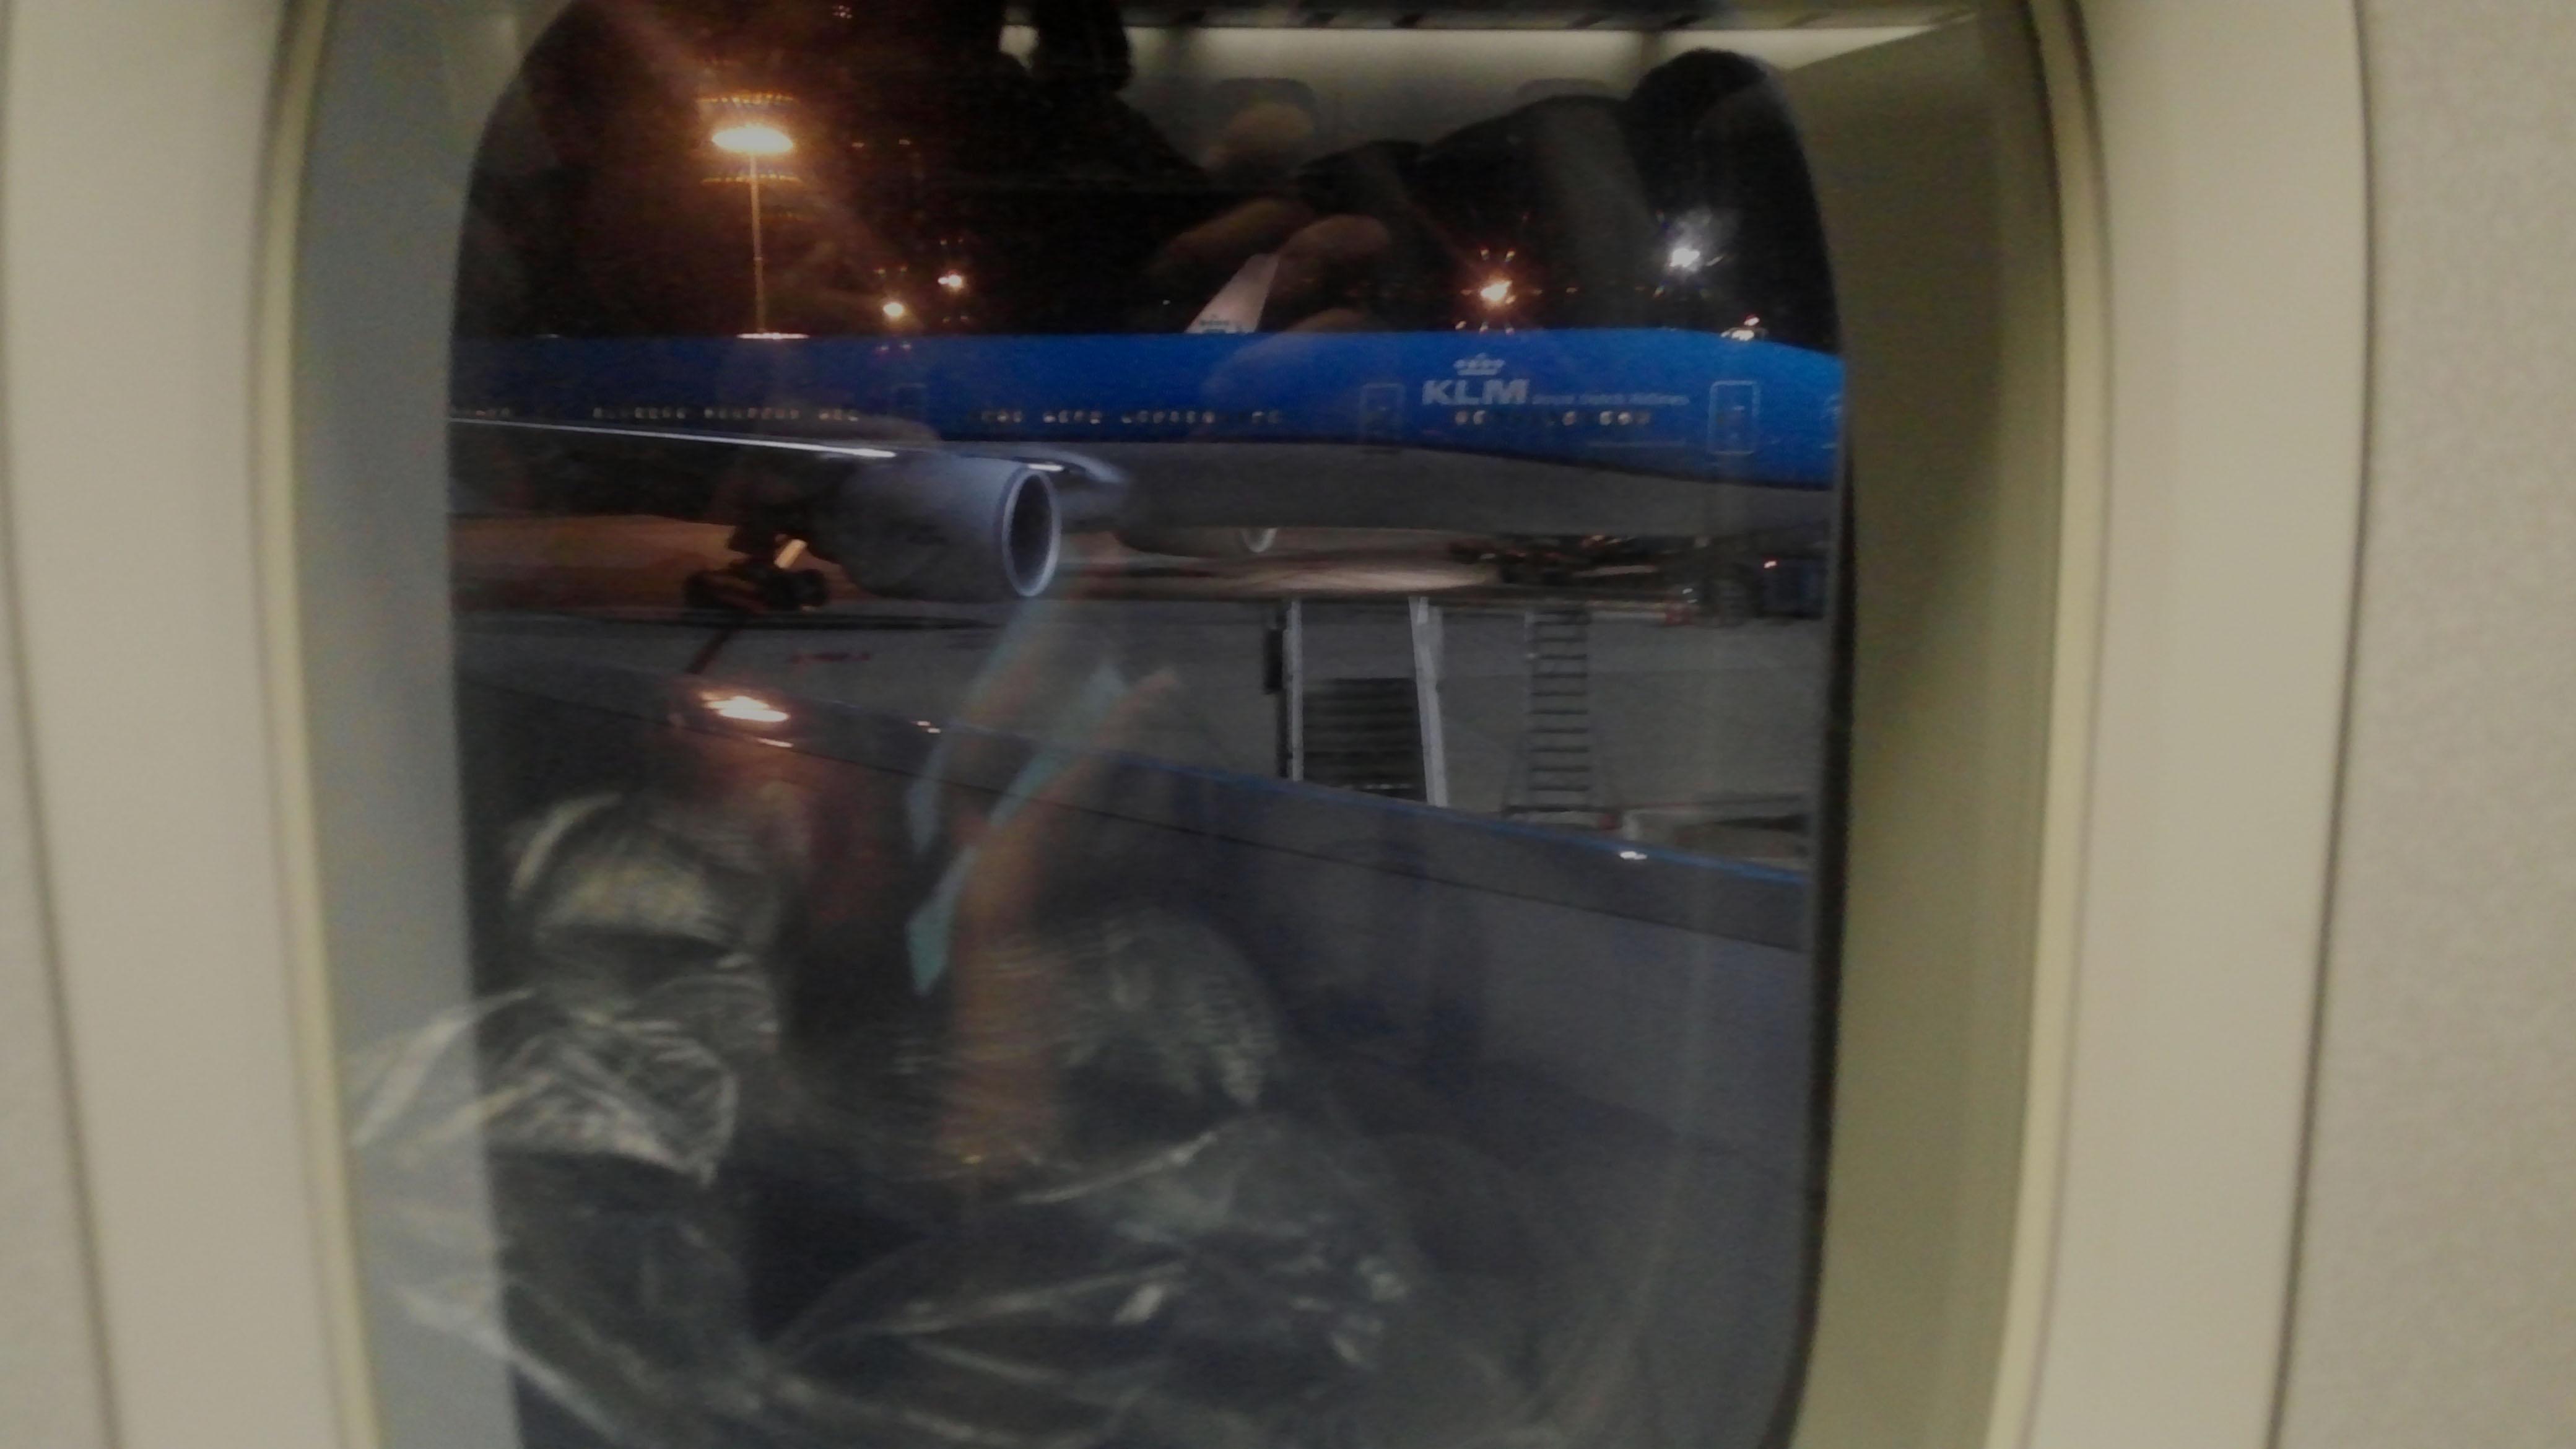 한국으로 돌아가자, 암스테르담-인천 비행편